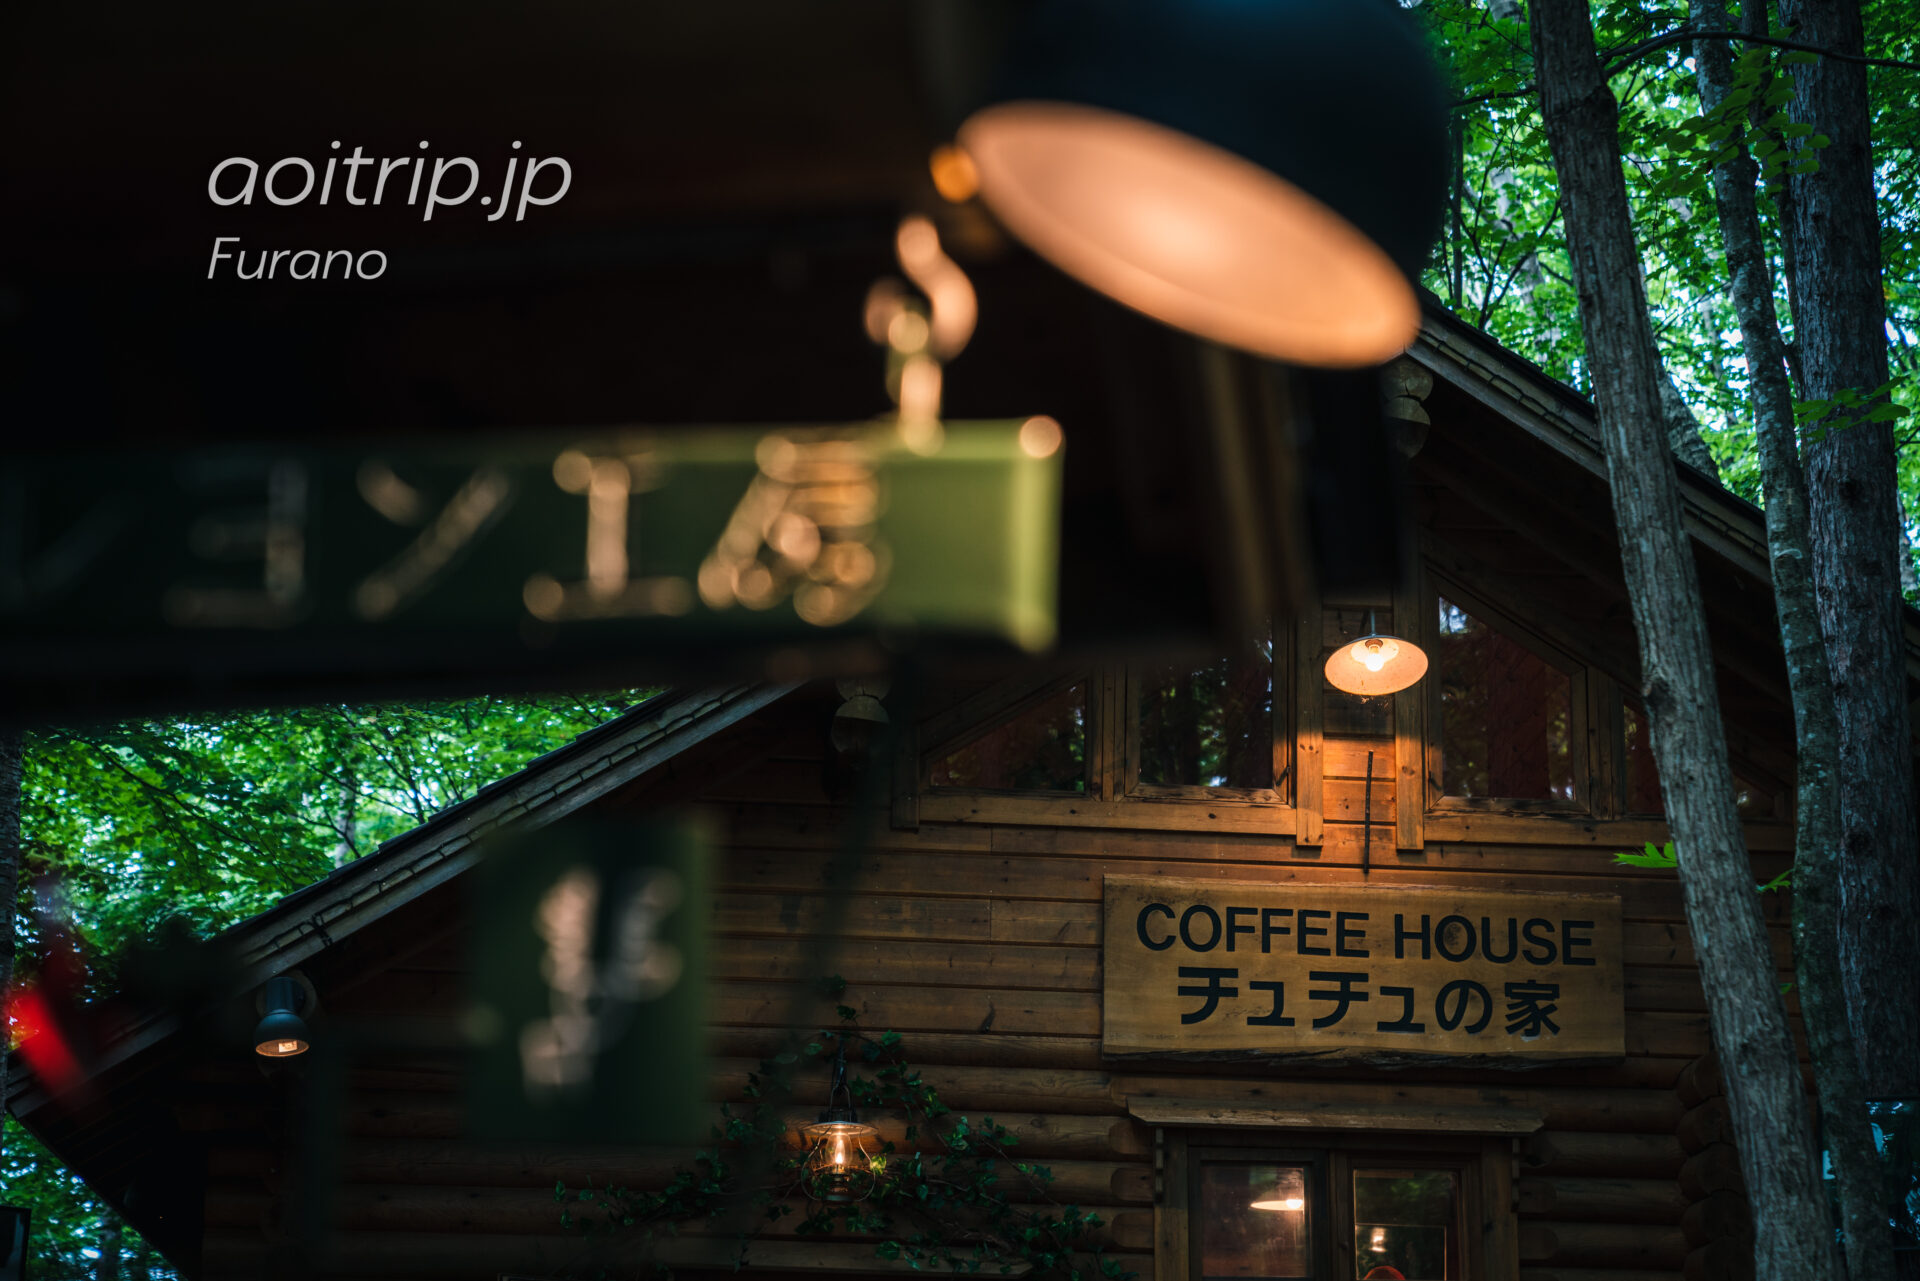 富良野のニングルテラス Ningle Terrace, Furano チュチュの家